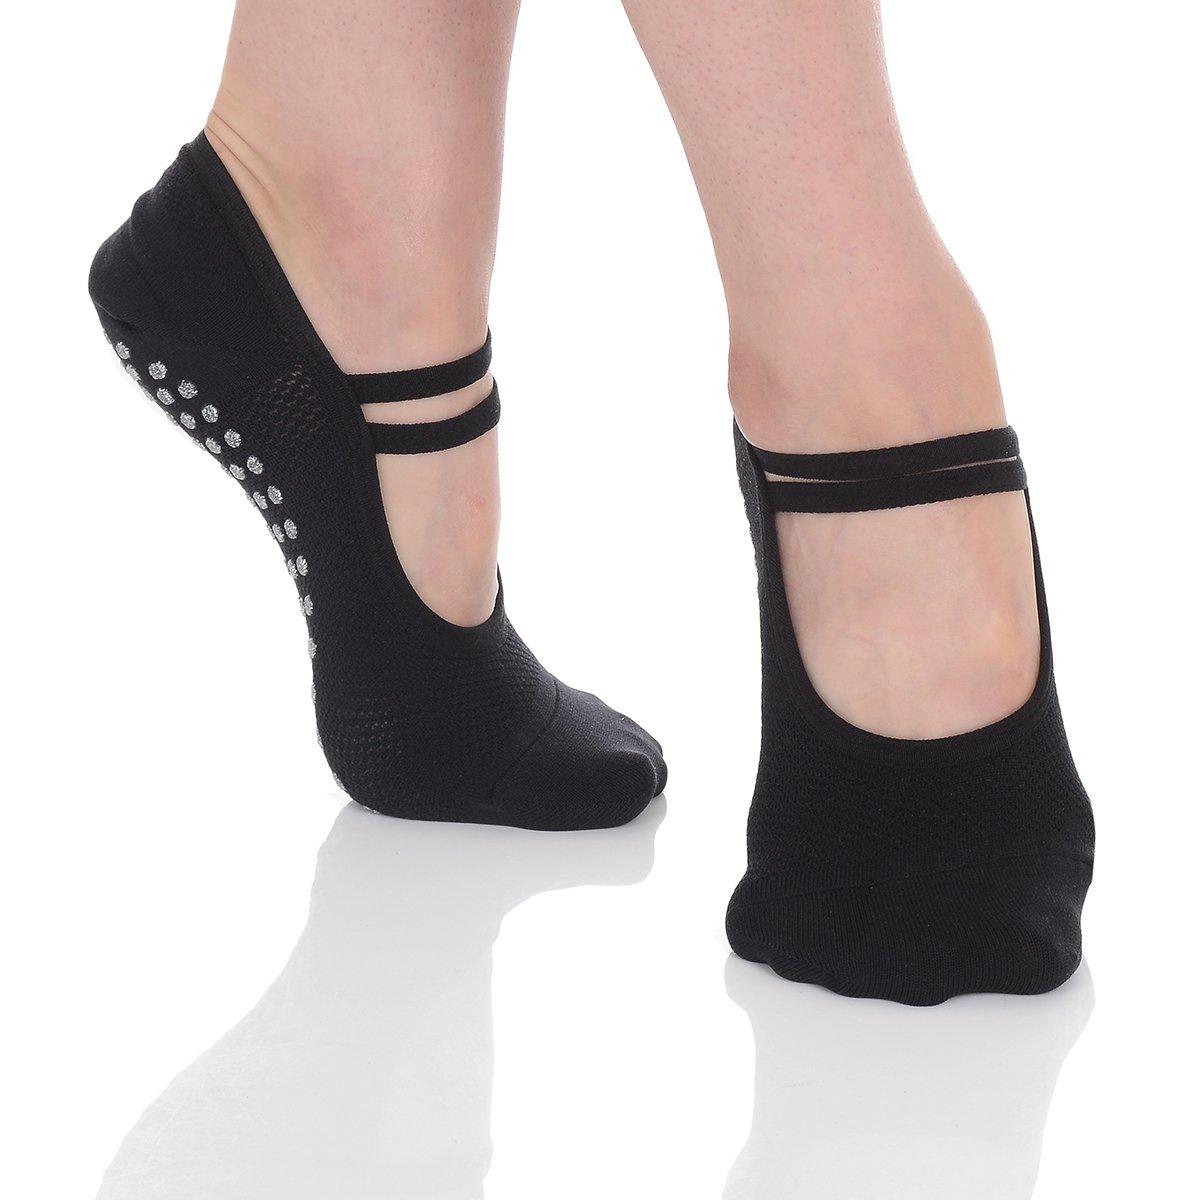 Great Soles Ballet Socks with Grip for Women - Non Slip Yoga Socks for Pilates, Barre (Black Mesh)